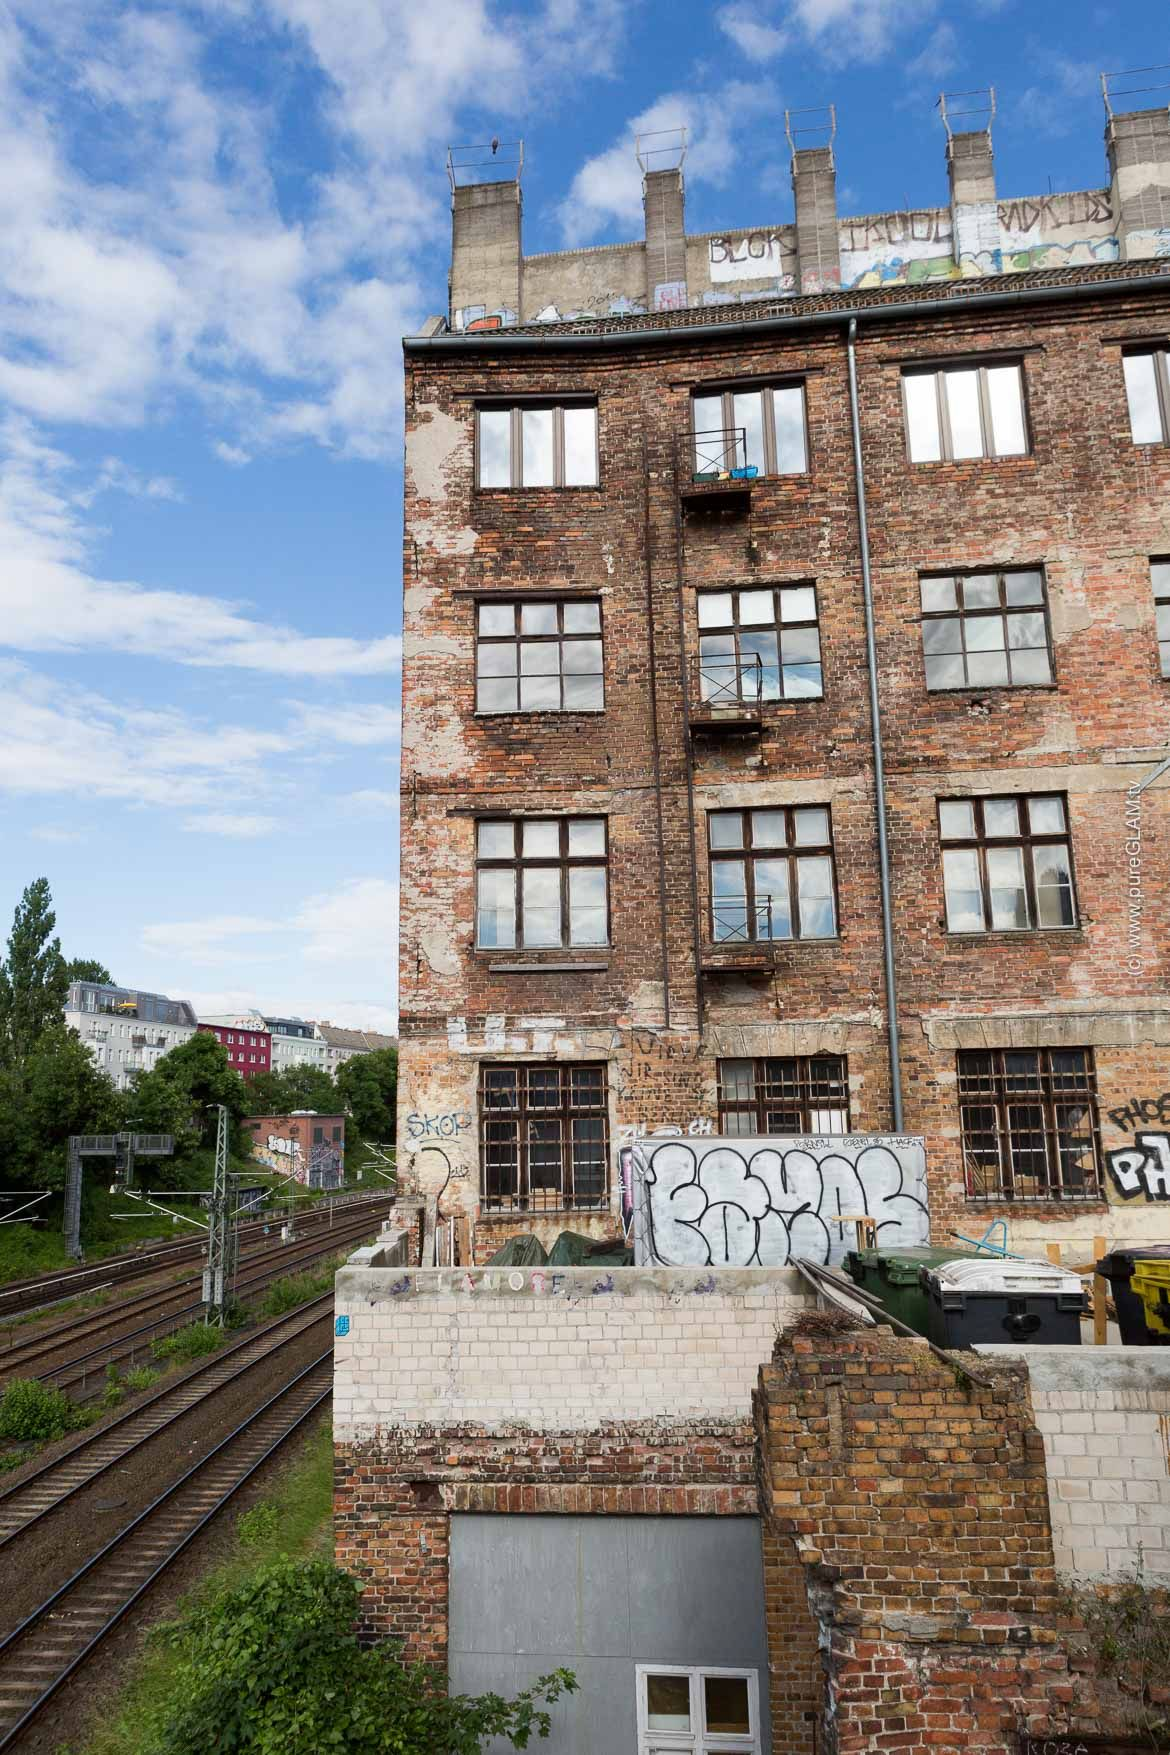 Berlin Sehenswurdigkeiten Top 10 Reisetipps Berlin Reisen Reisetipps Und Sehenswurdigkeiten